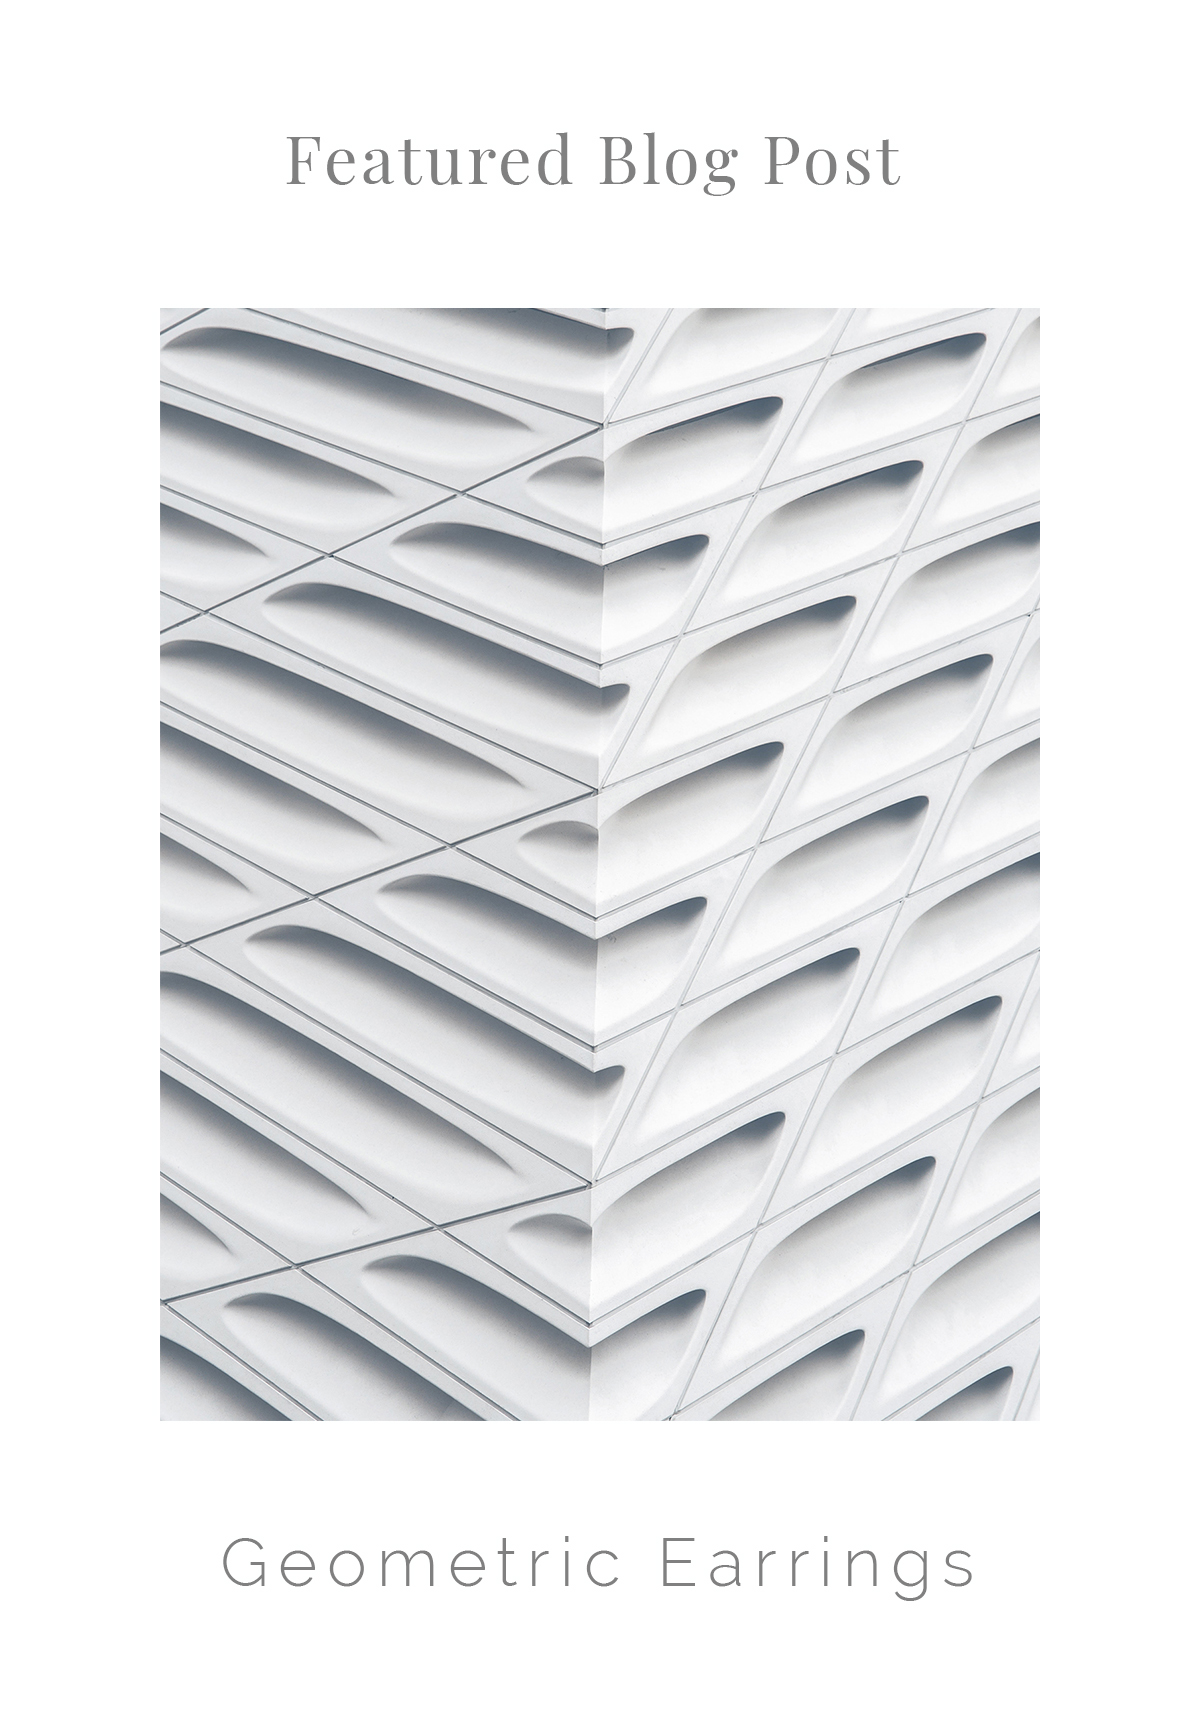 geometricearrings.jpg